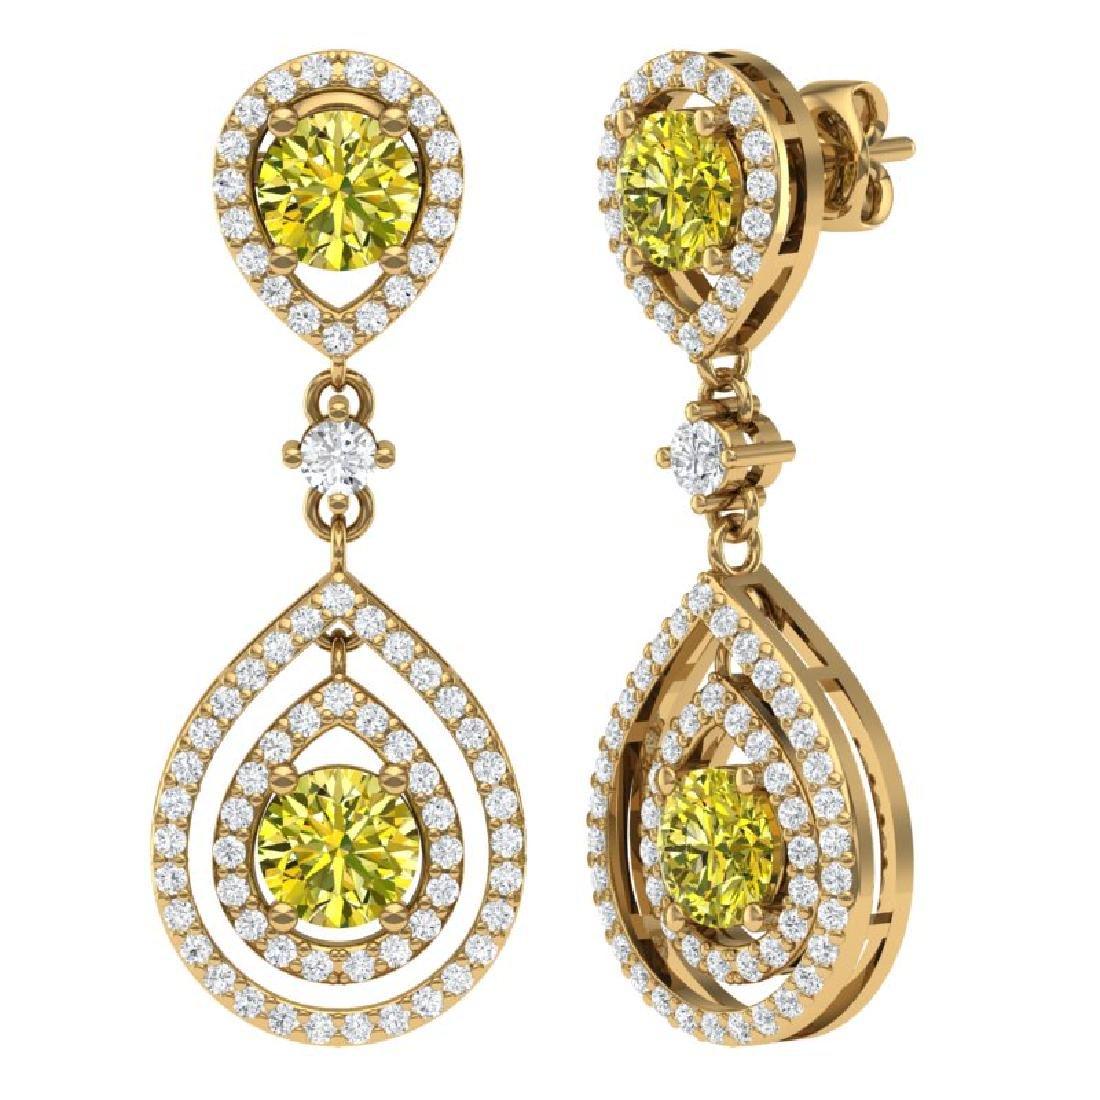 3.9 CTW Fancy Yellow SI Diamond Earrings 18K Yellow - 3